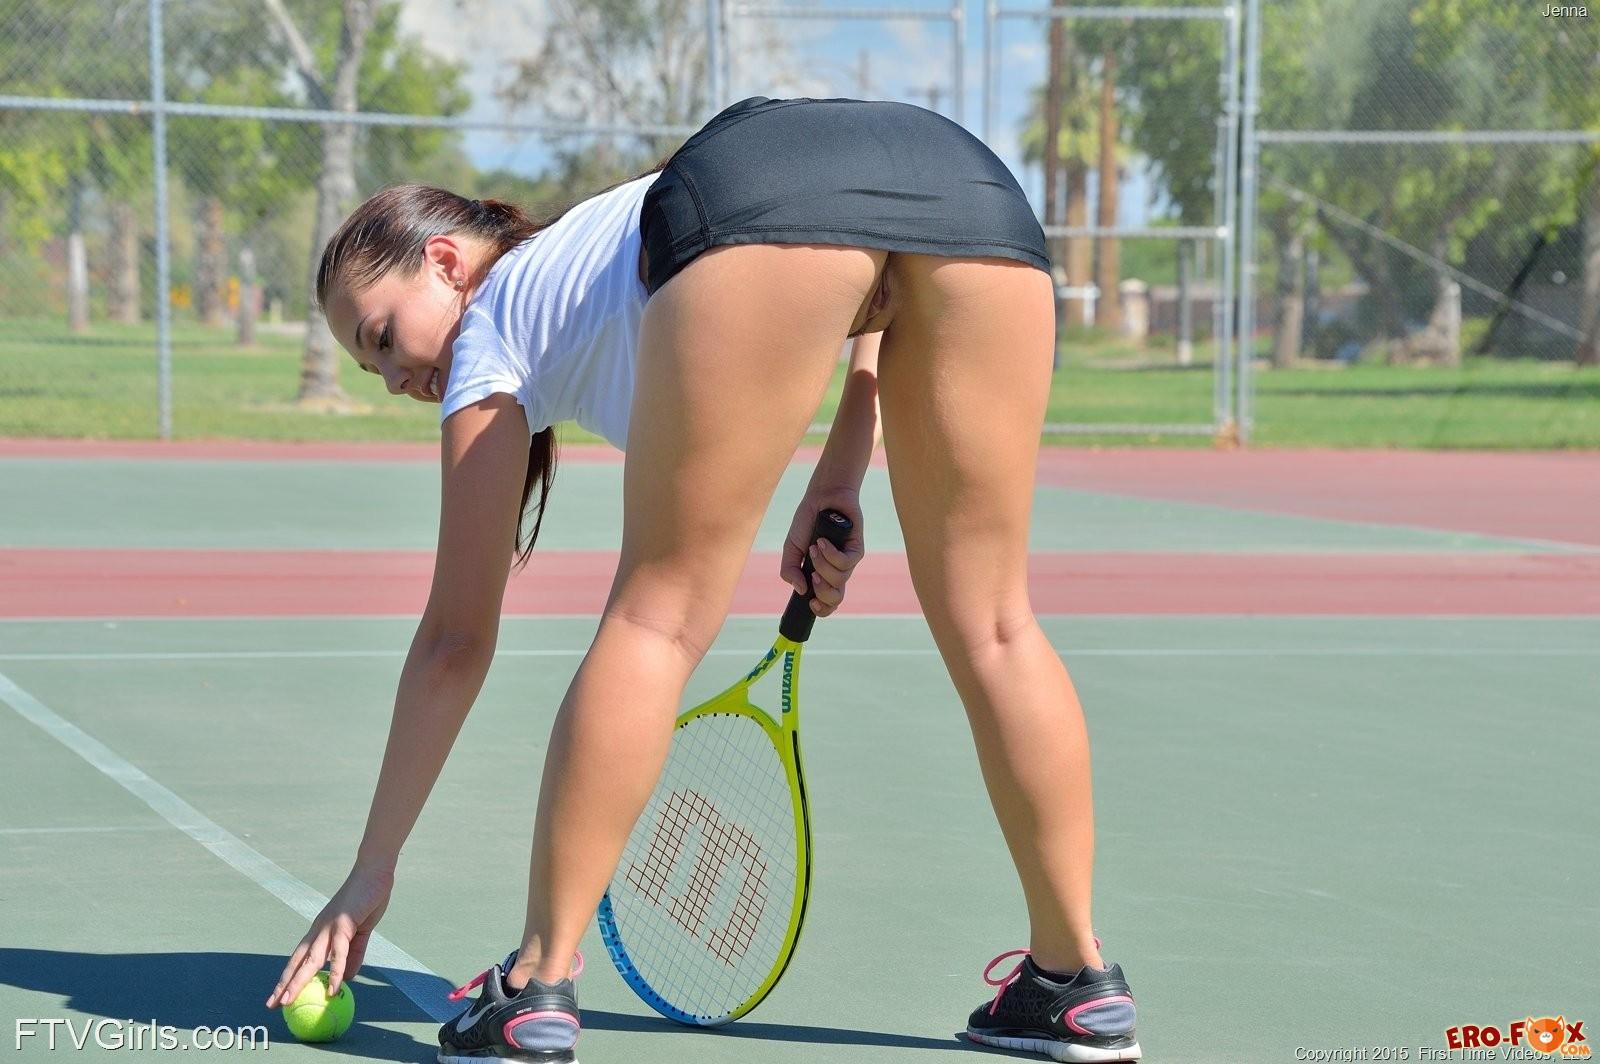 Голая теннисистка играет на корте